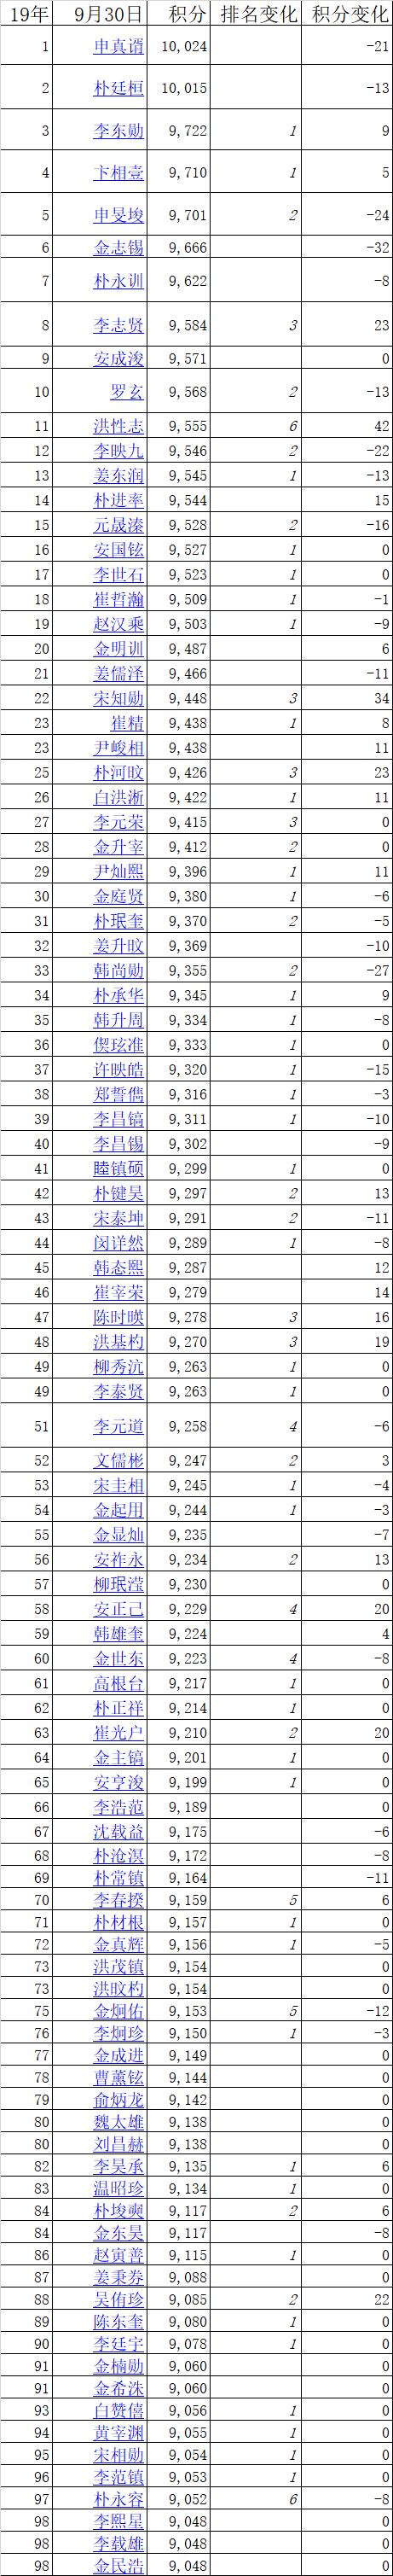 韓國棋手等級分排行榜